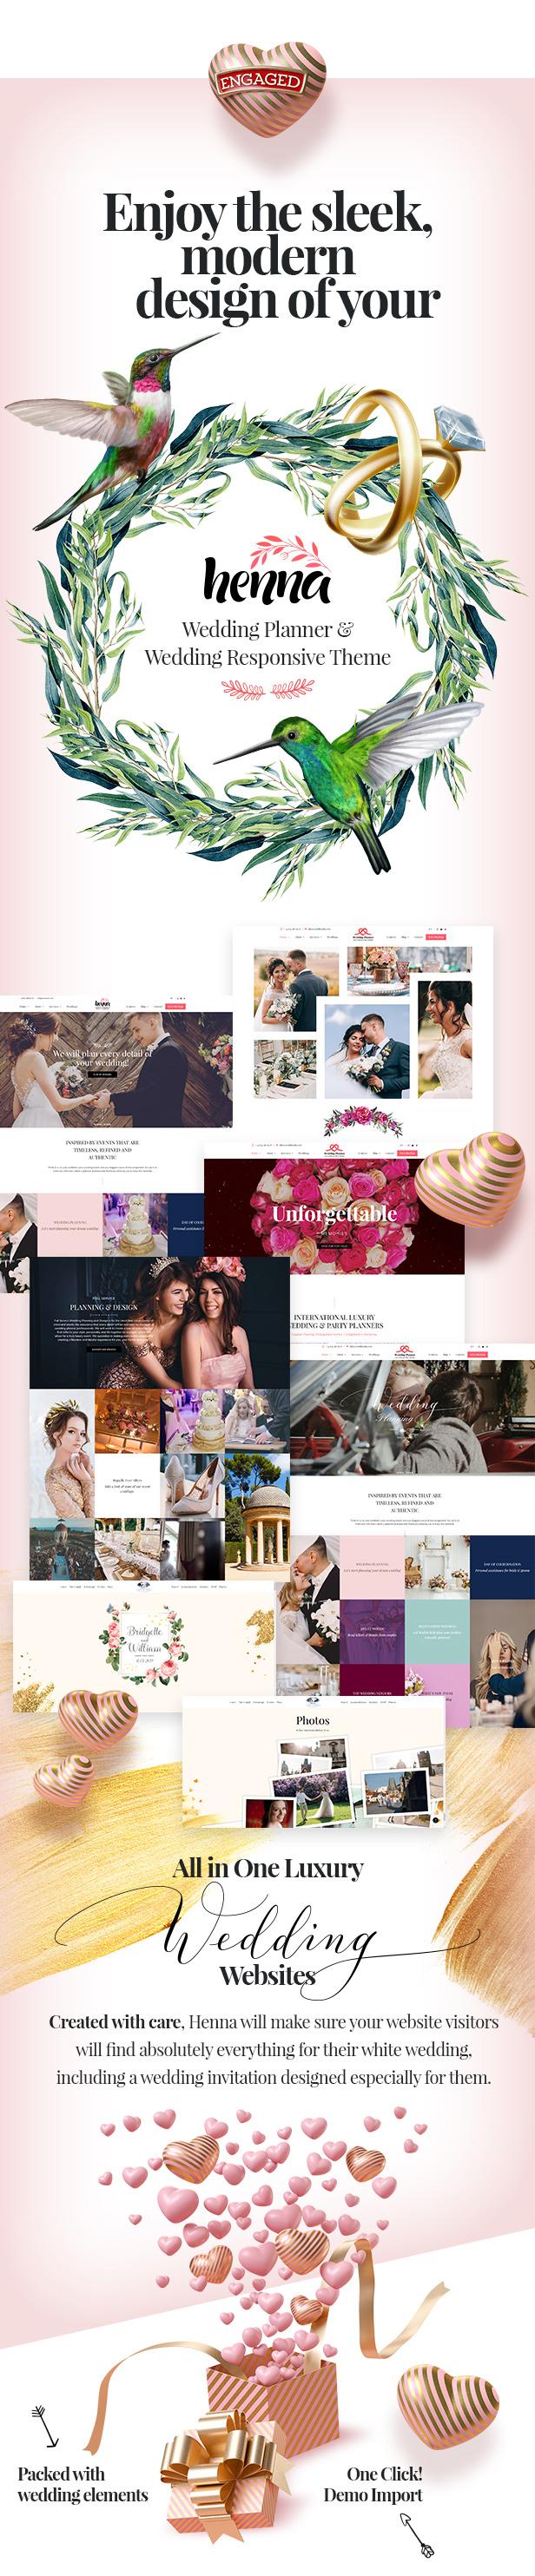 Henna - Hochzeits-WordPress-Theme - 1